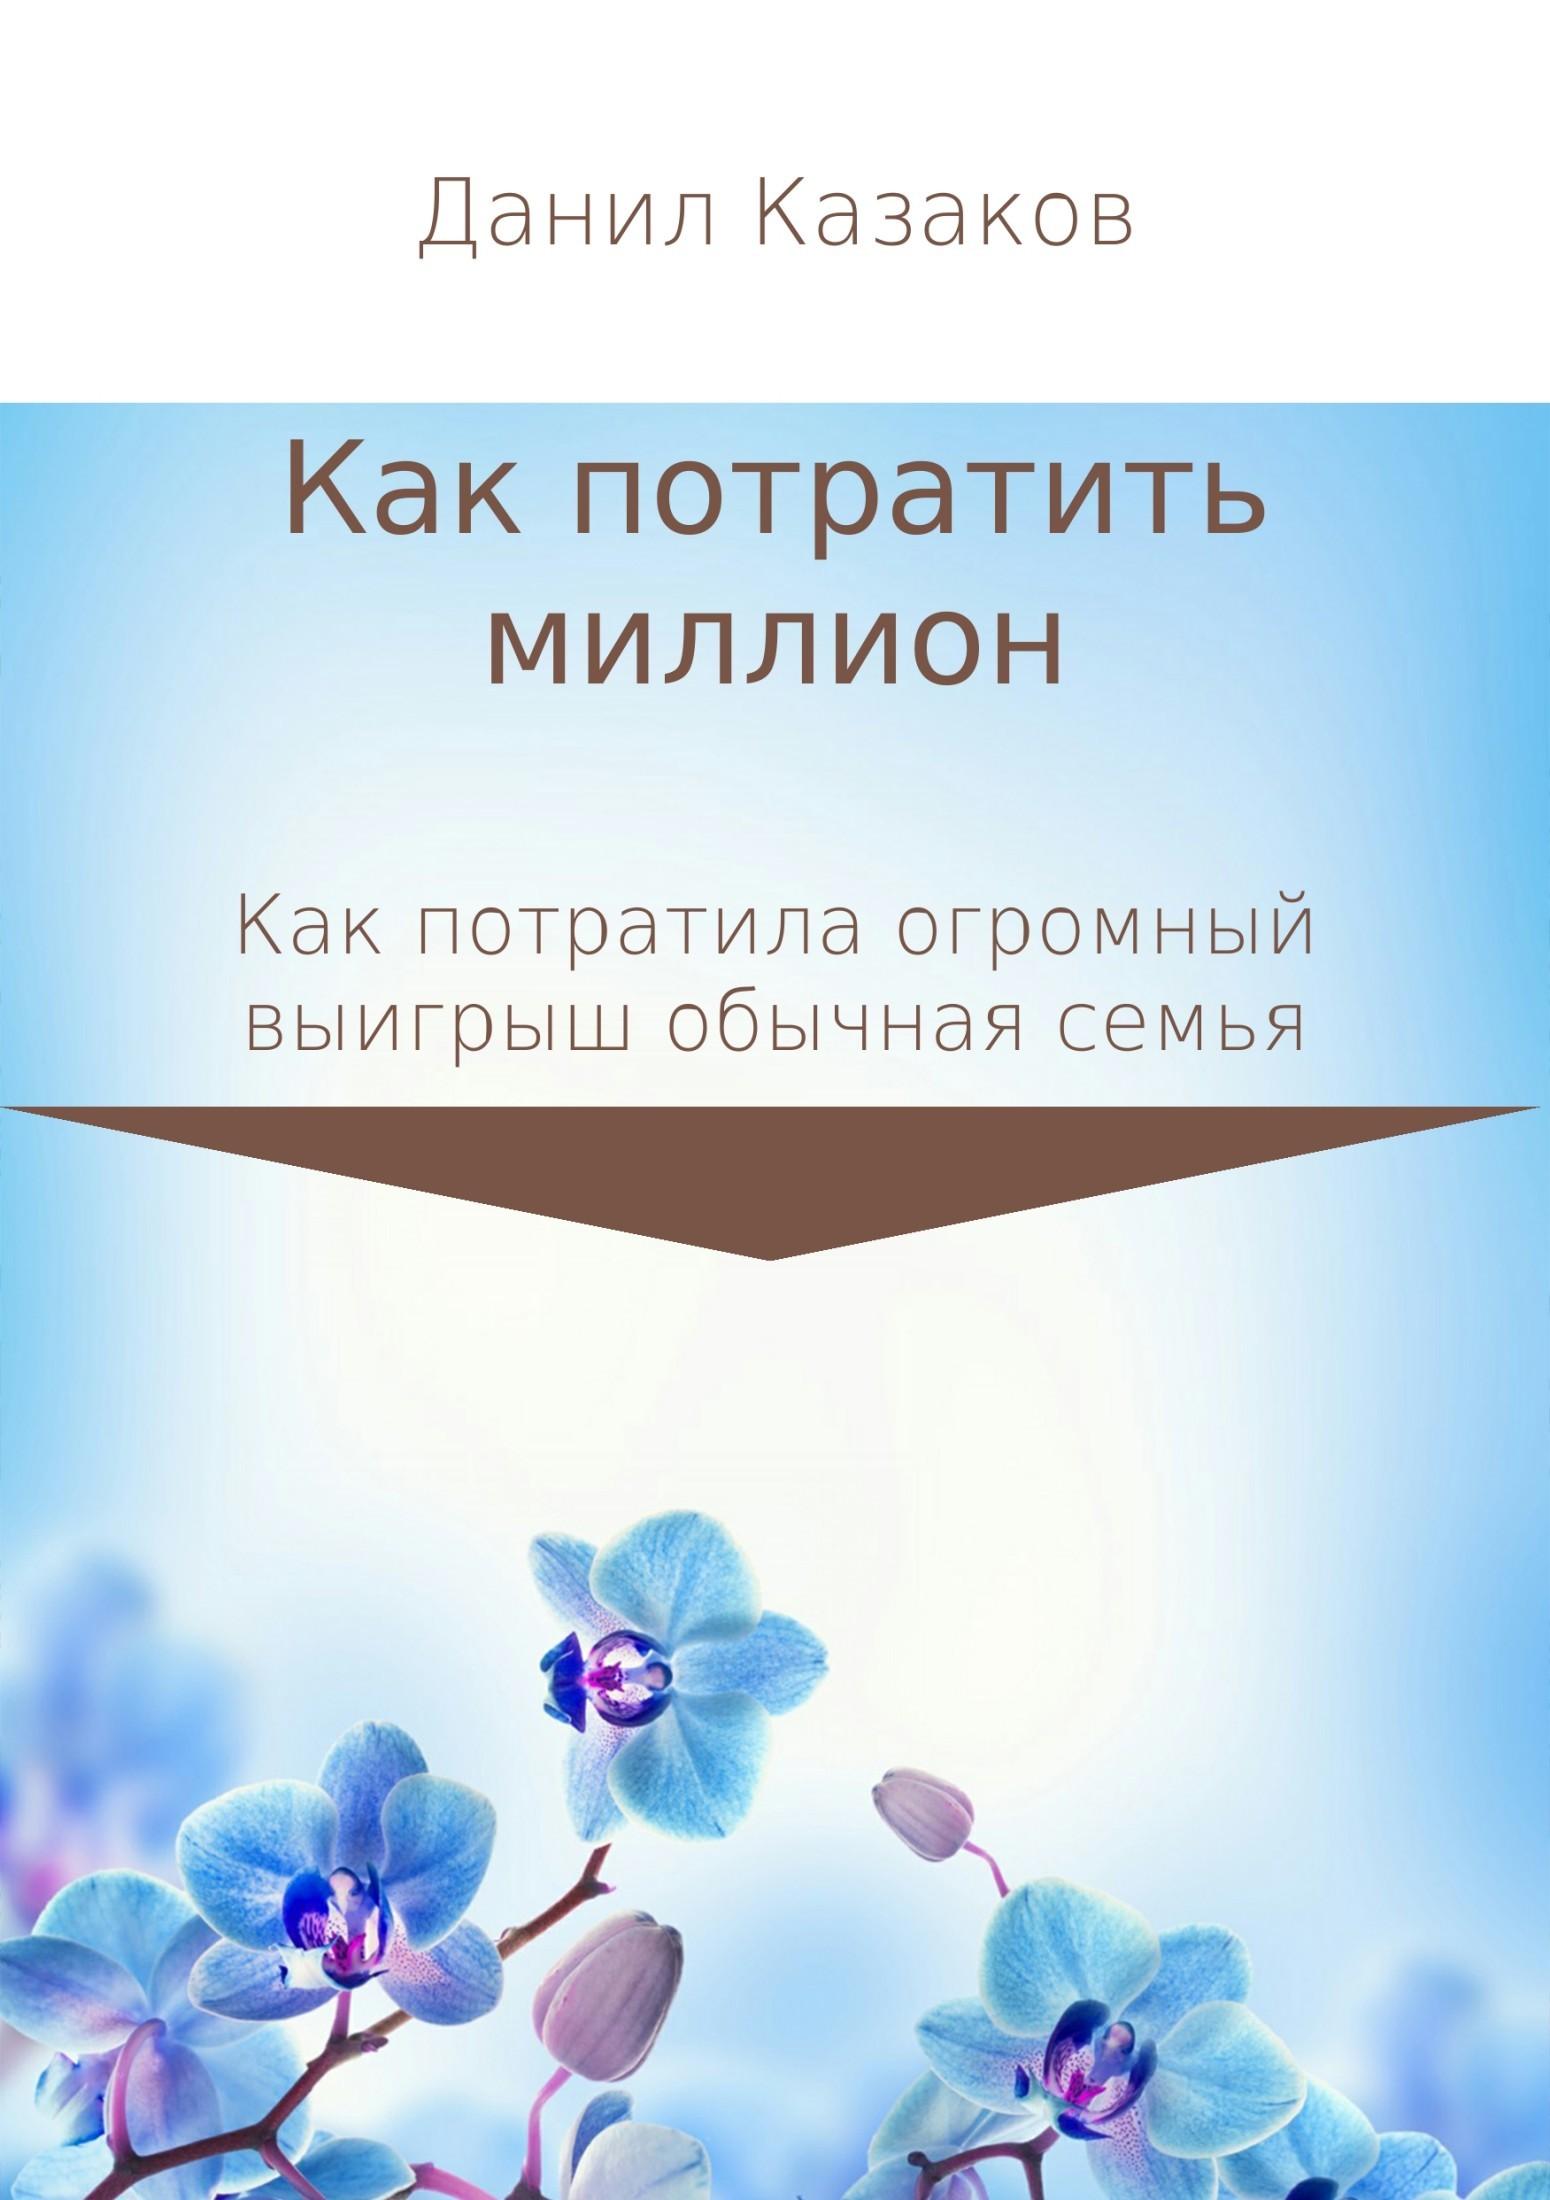 Данил Васильевич Казаков бесплатно